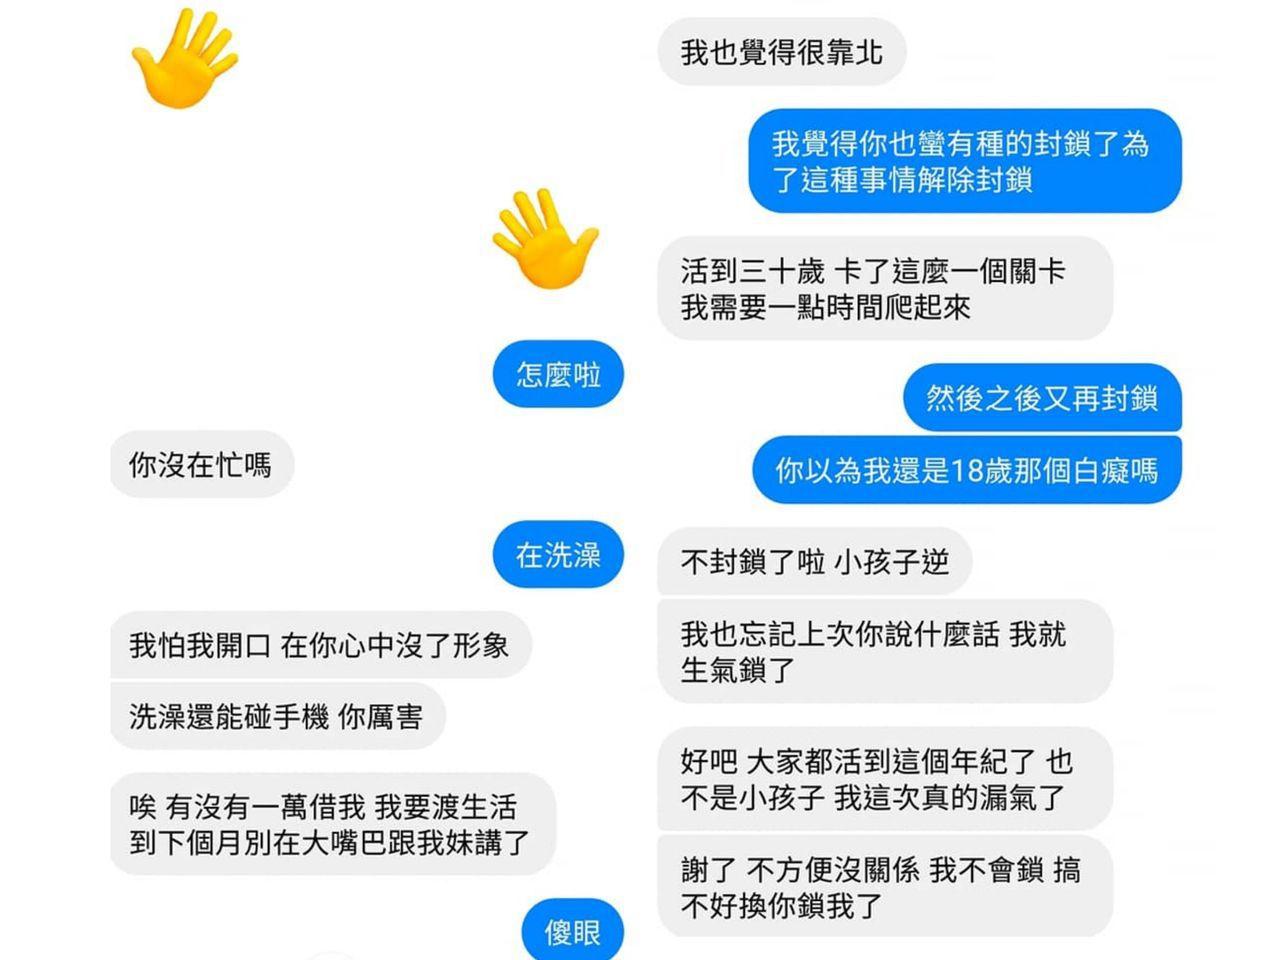 女網友在臉書貼出與前男友的對話記錄。圖片來源/爆廢公社二館